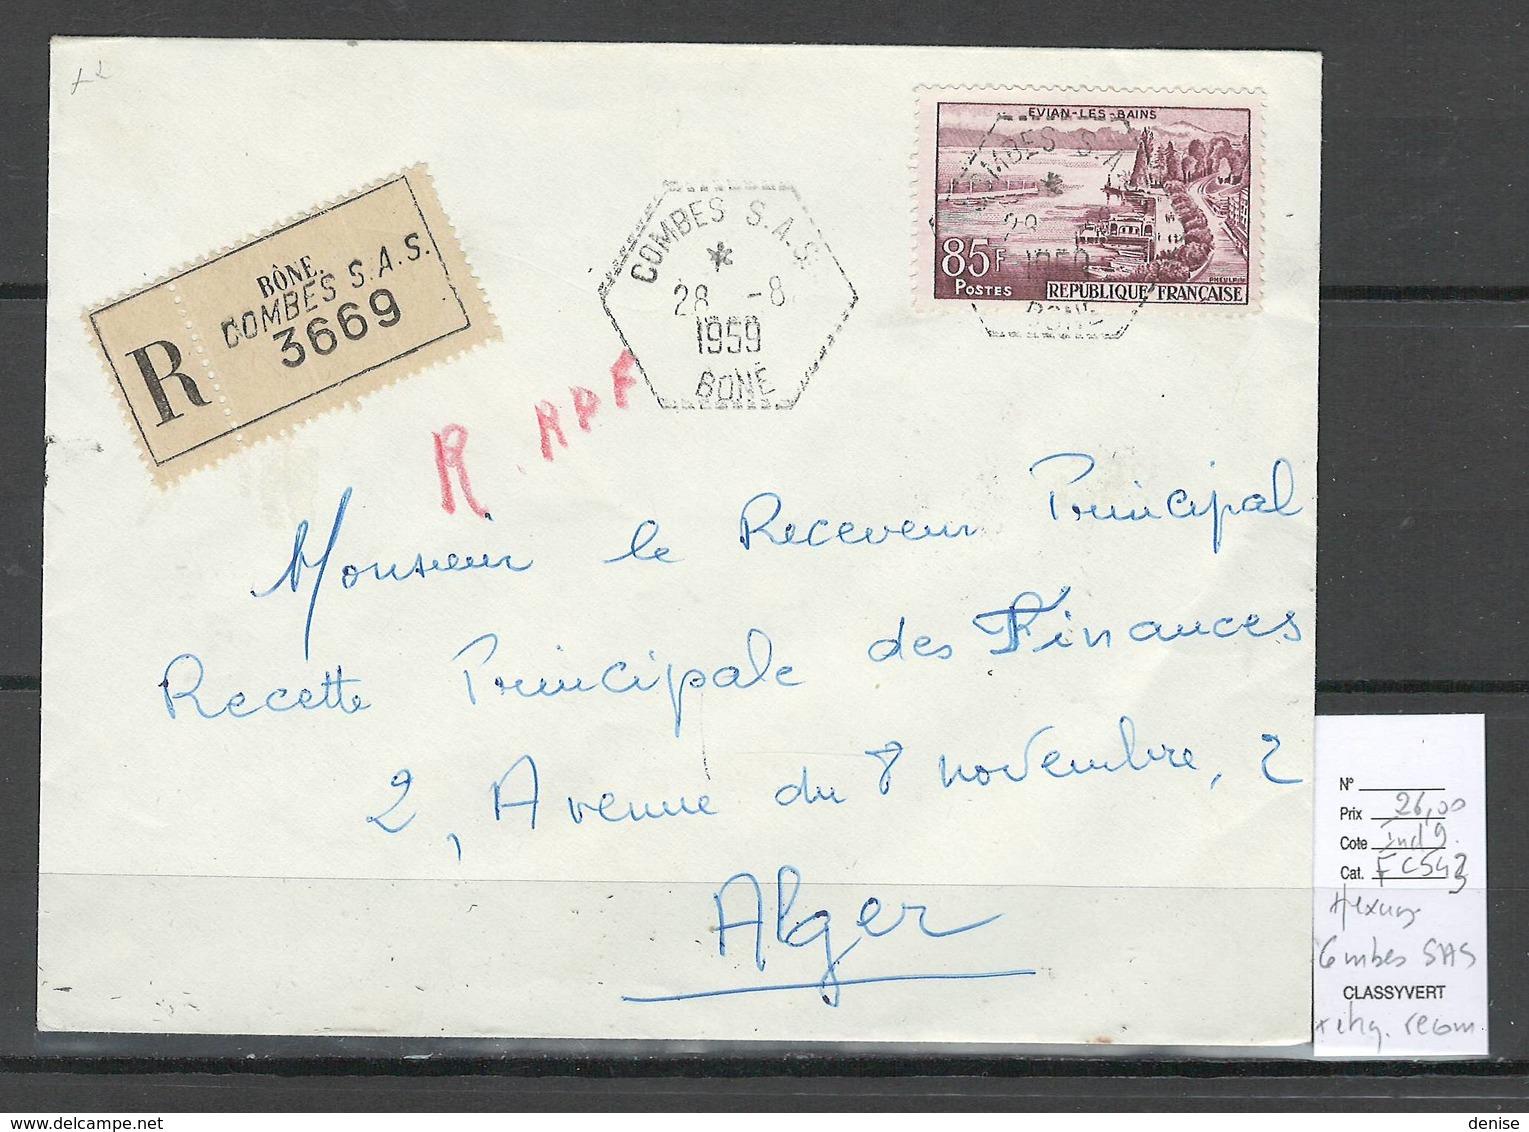 Algerie - Lettre  - Cachet Hexagonal COMBES SAS -  Marcophilie - Algeria (1924-1962)